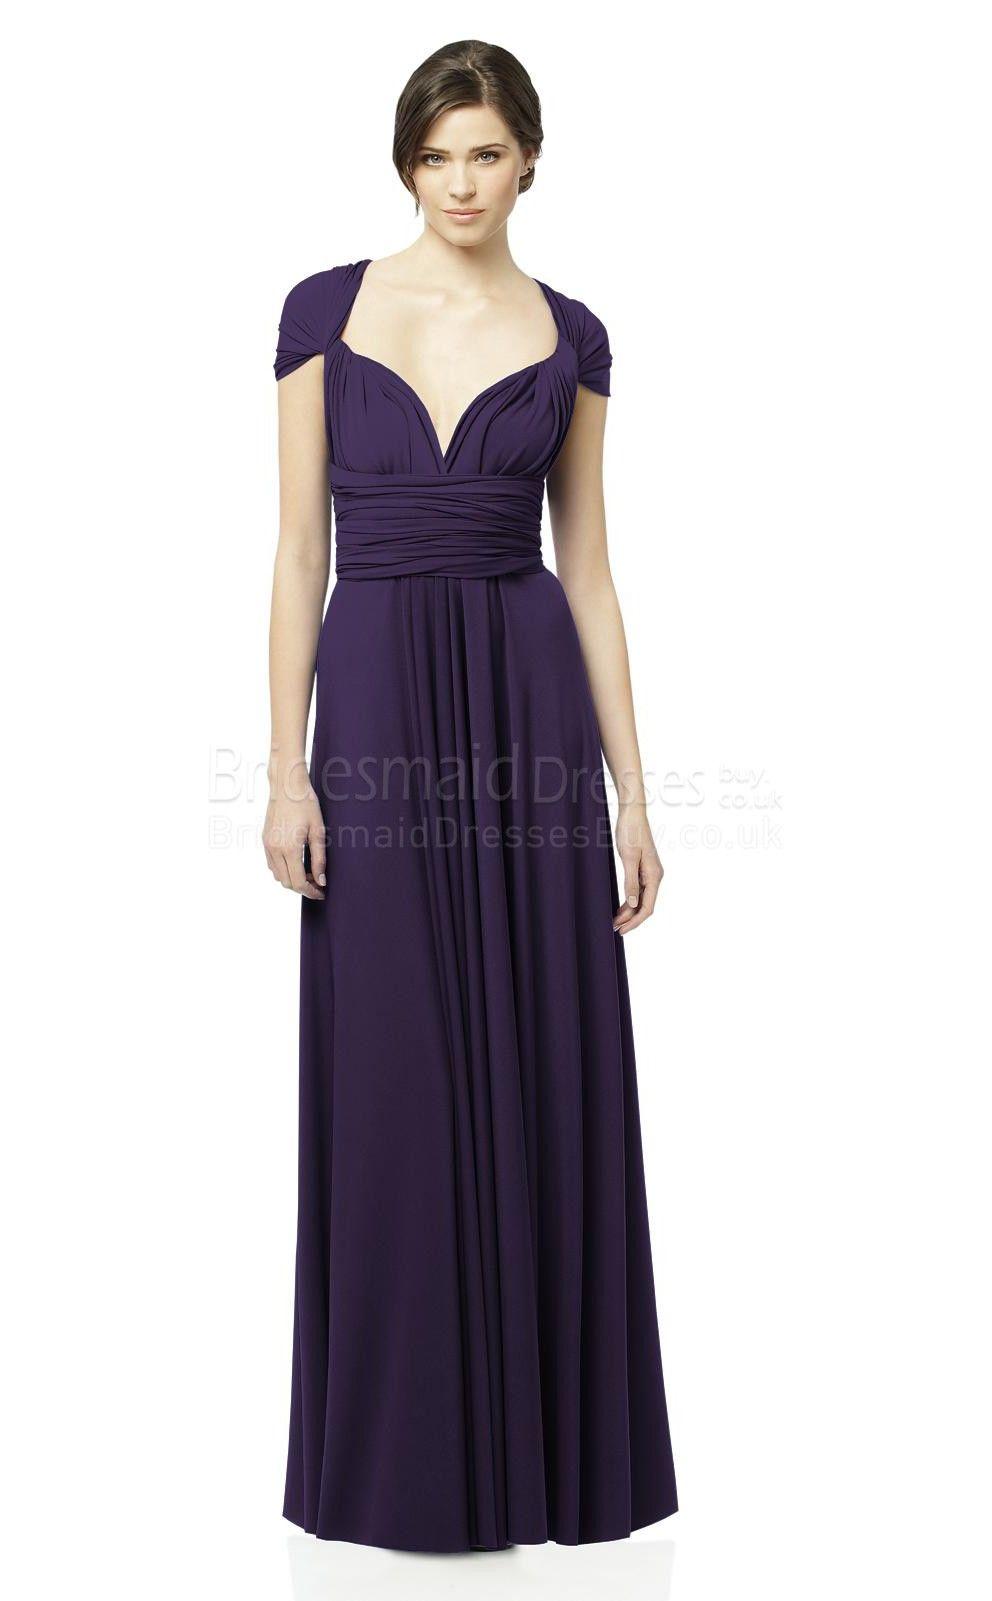 Aline purple bridesmaid dresseslong purple bridesmaid dresses